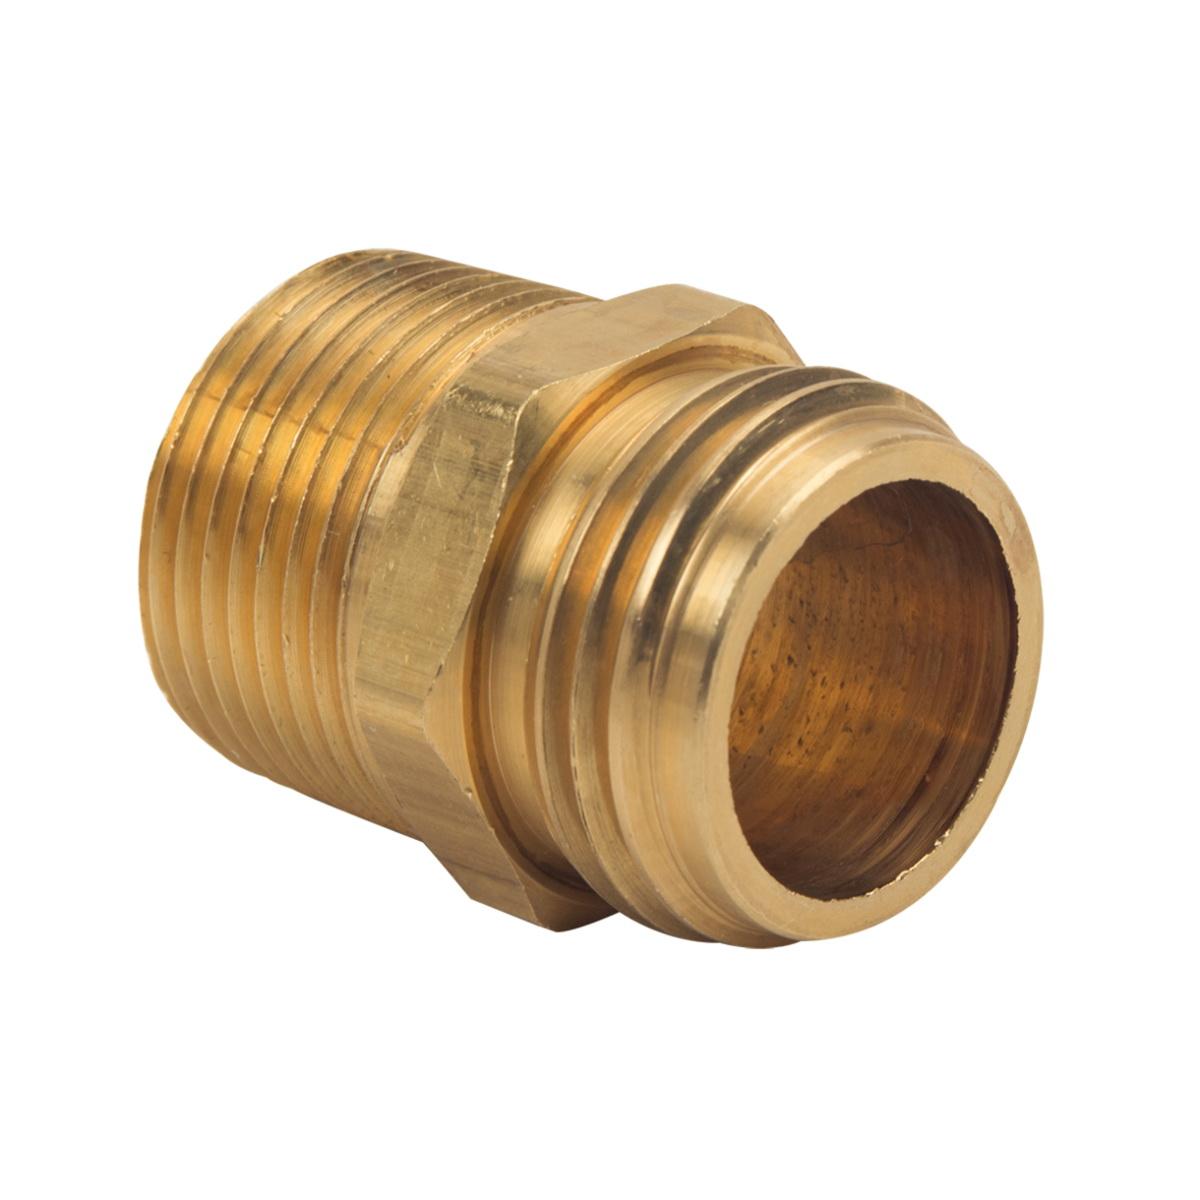 BrassCraft® HU22-12-12 Rough Brass Hose Adapter, 3/4 in, MHT x MIP